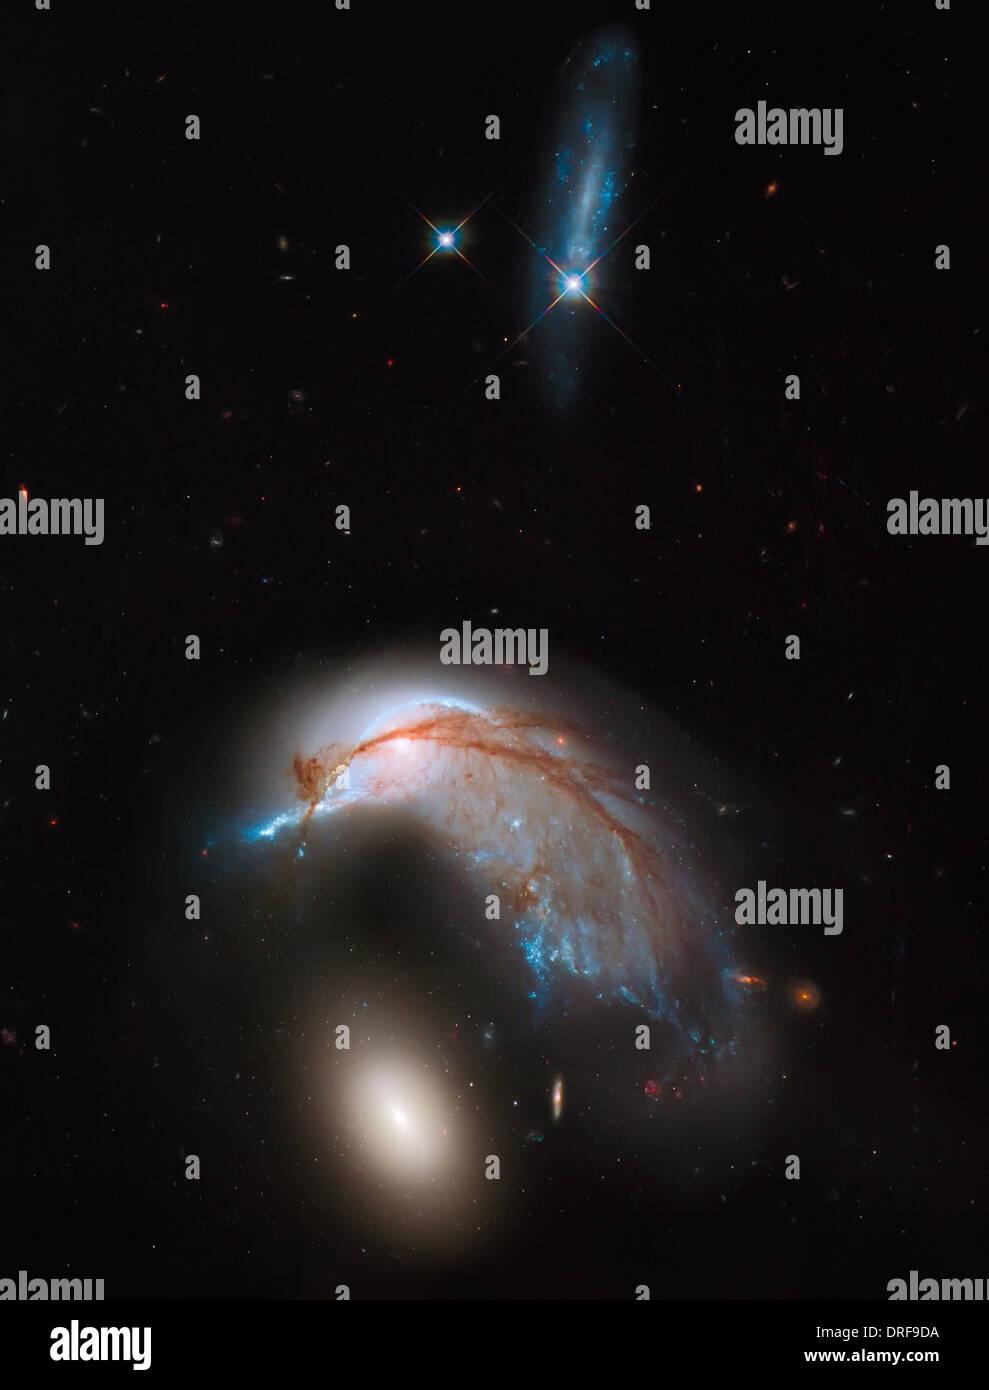 Arp 142 galactic fusione, come mostrato in una fotografia del telescopio spaziale Hubble. Immagini Stock